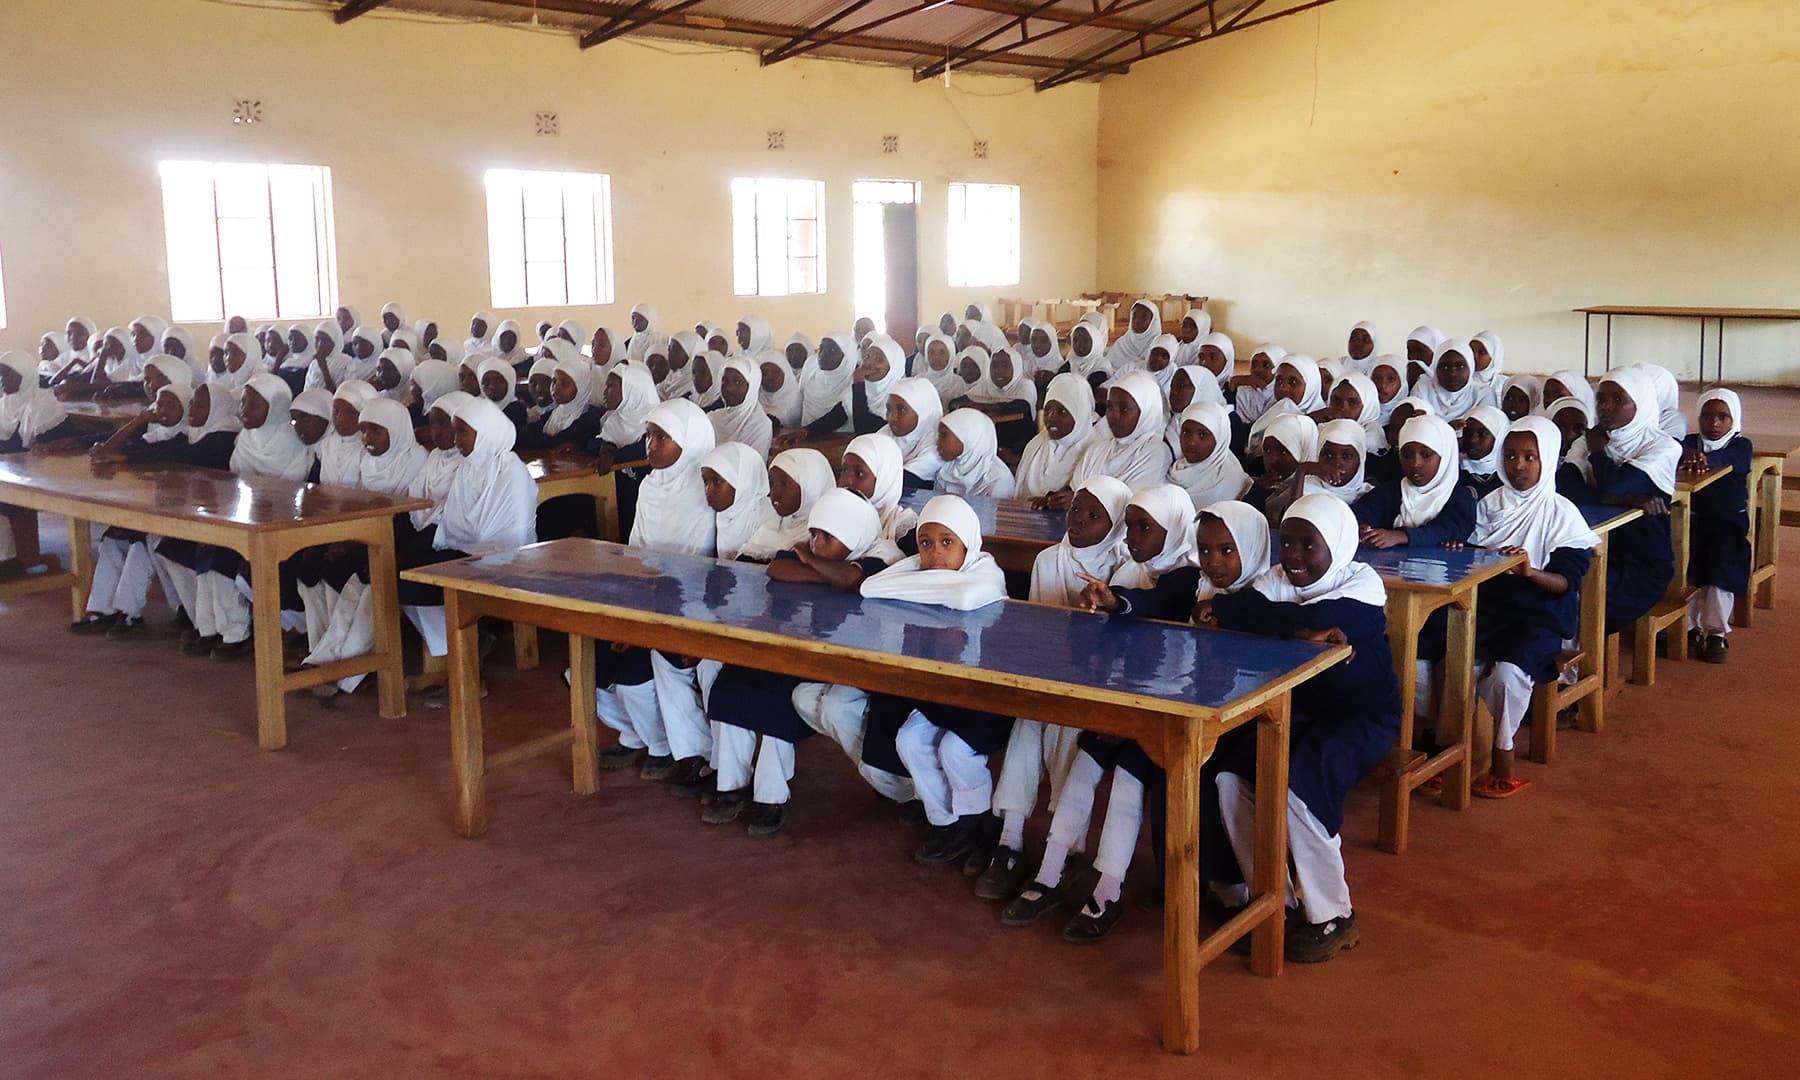 اسکول کا اندورنی منظر جہاں طالبات تعلیم حاصل کررہے ہیں— فوٹو عظمت اکبر